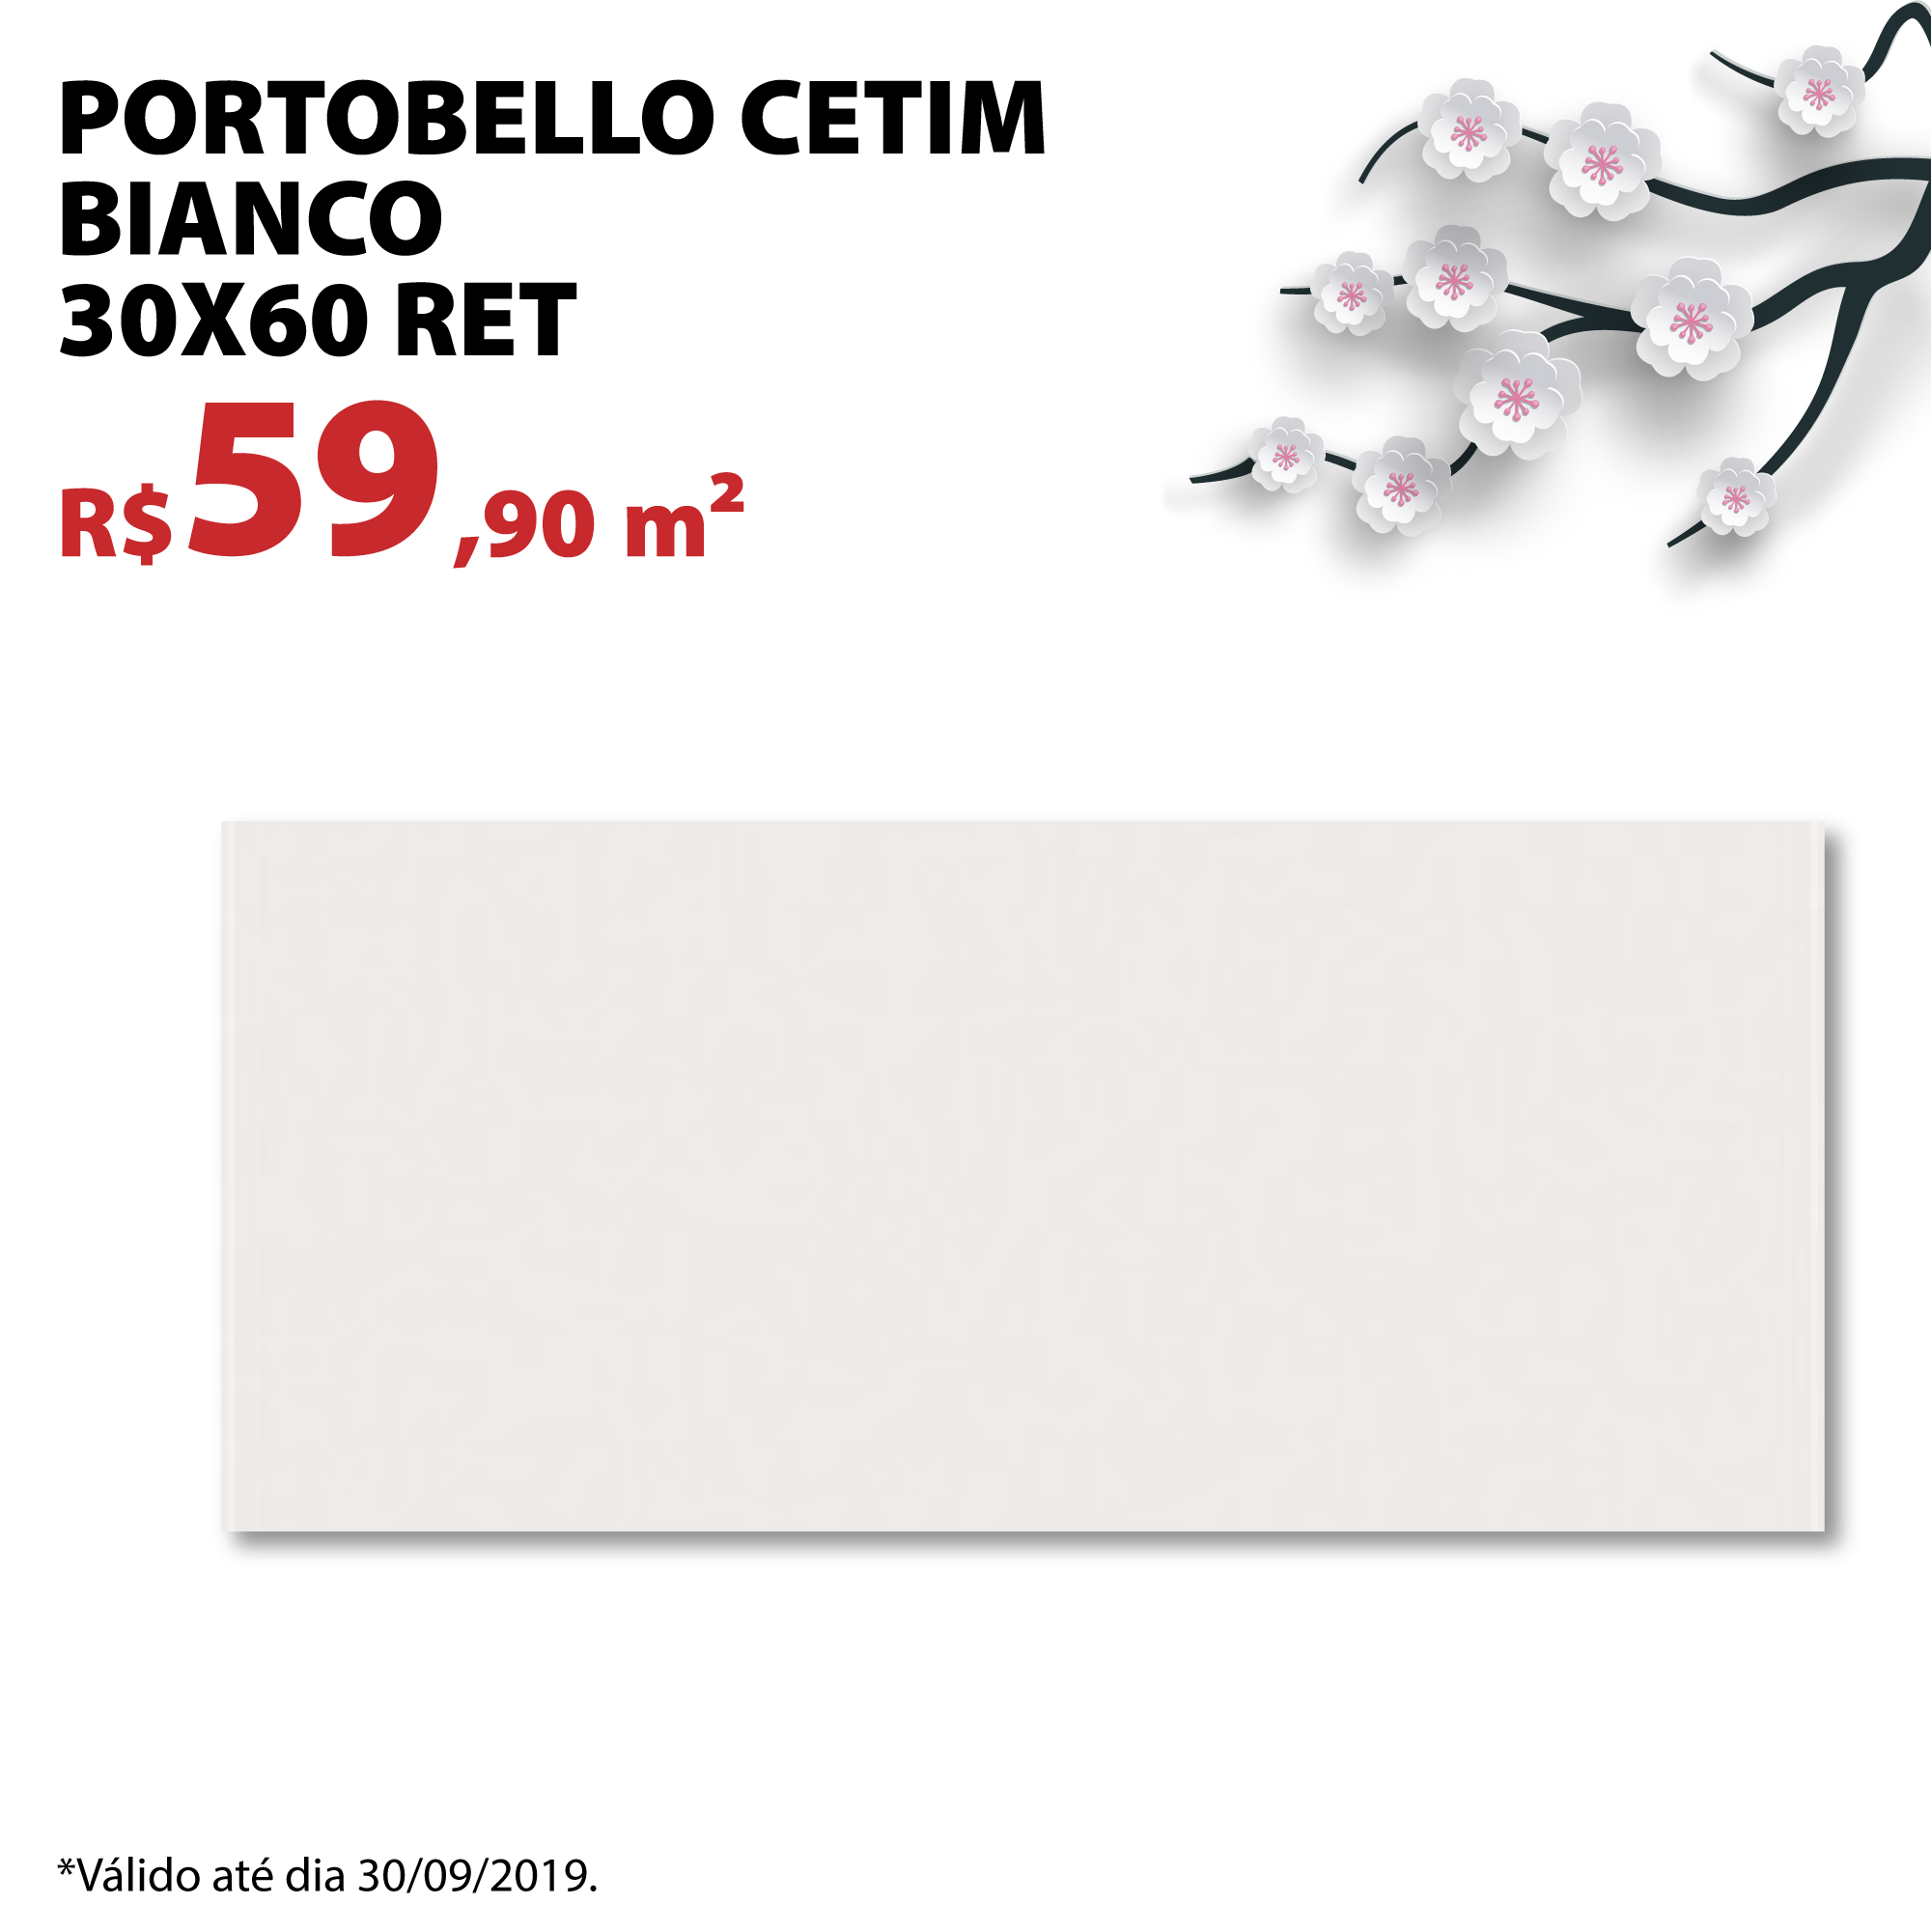 Portobello Cetim Biano 30×60 Ret